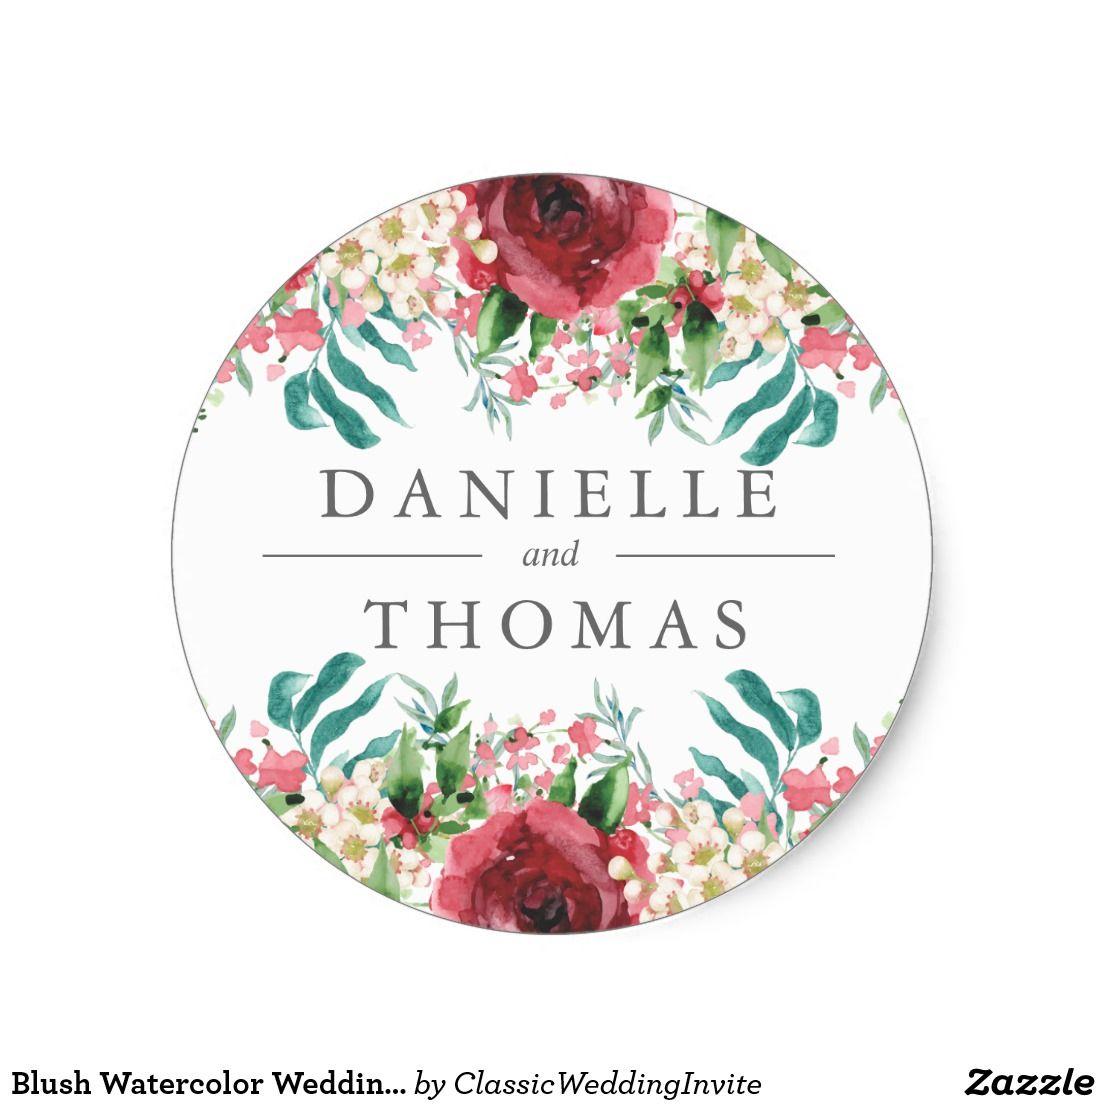 Blush Watercolor Wedding Invitation Sticker